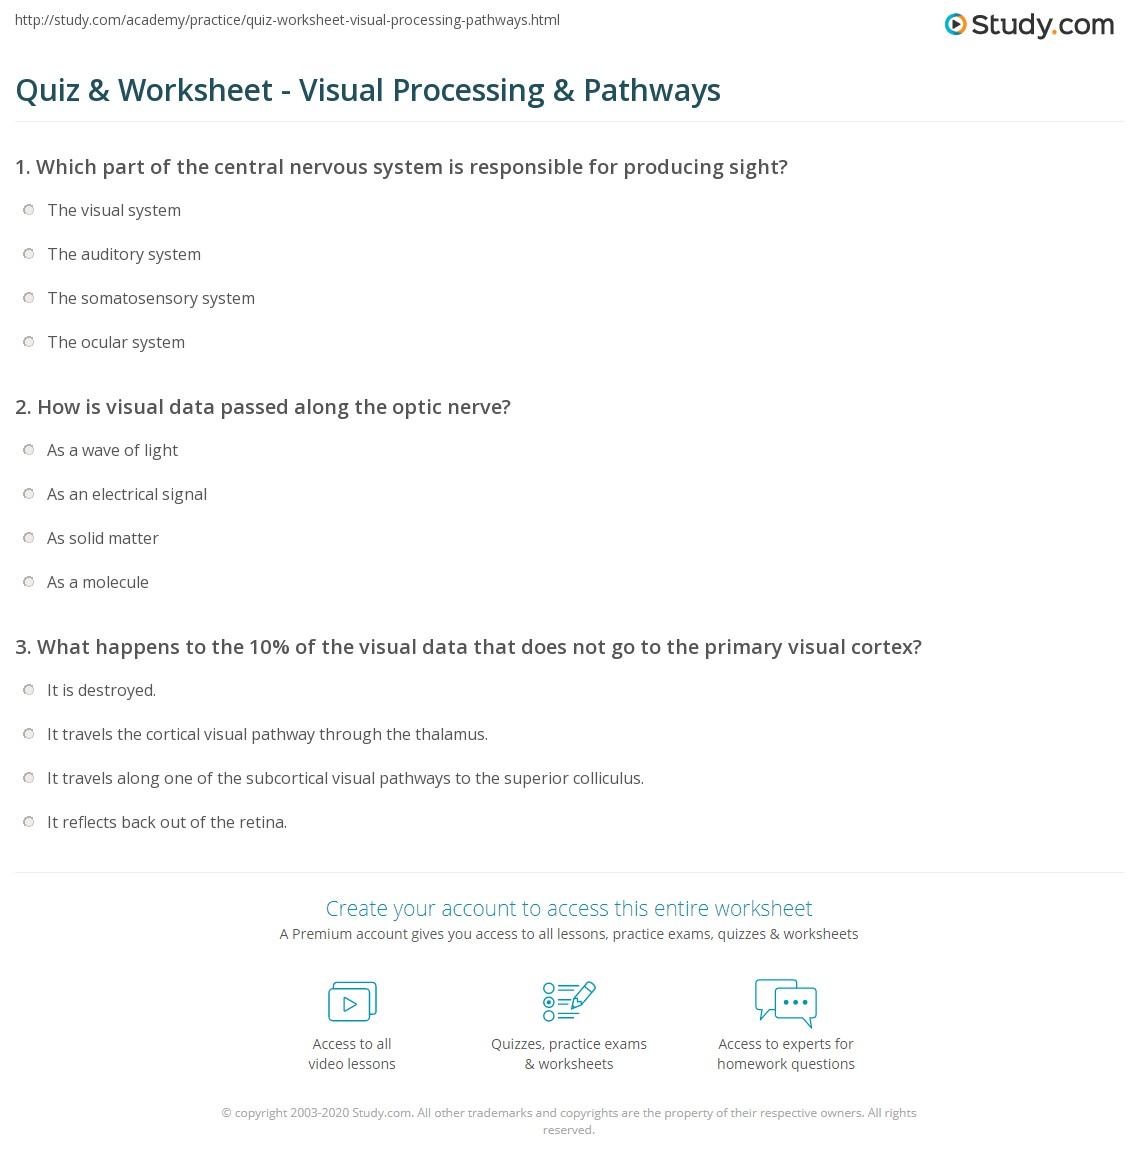 Quiz W Ksheet Visu L Process G P Thw Ys Study